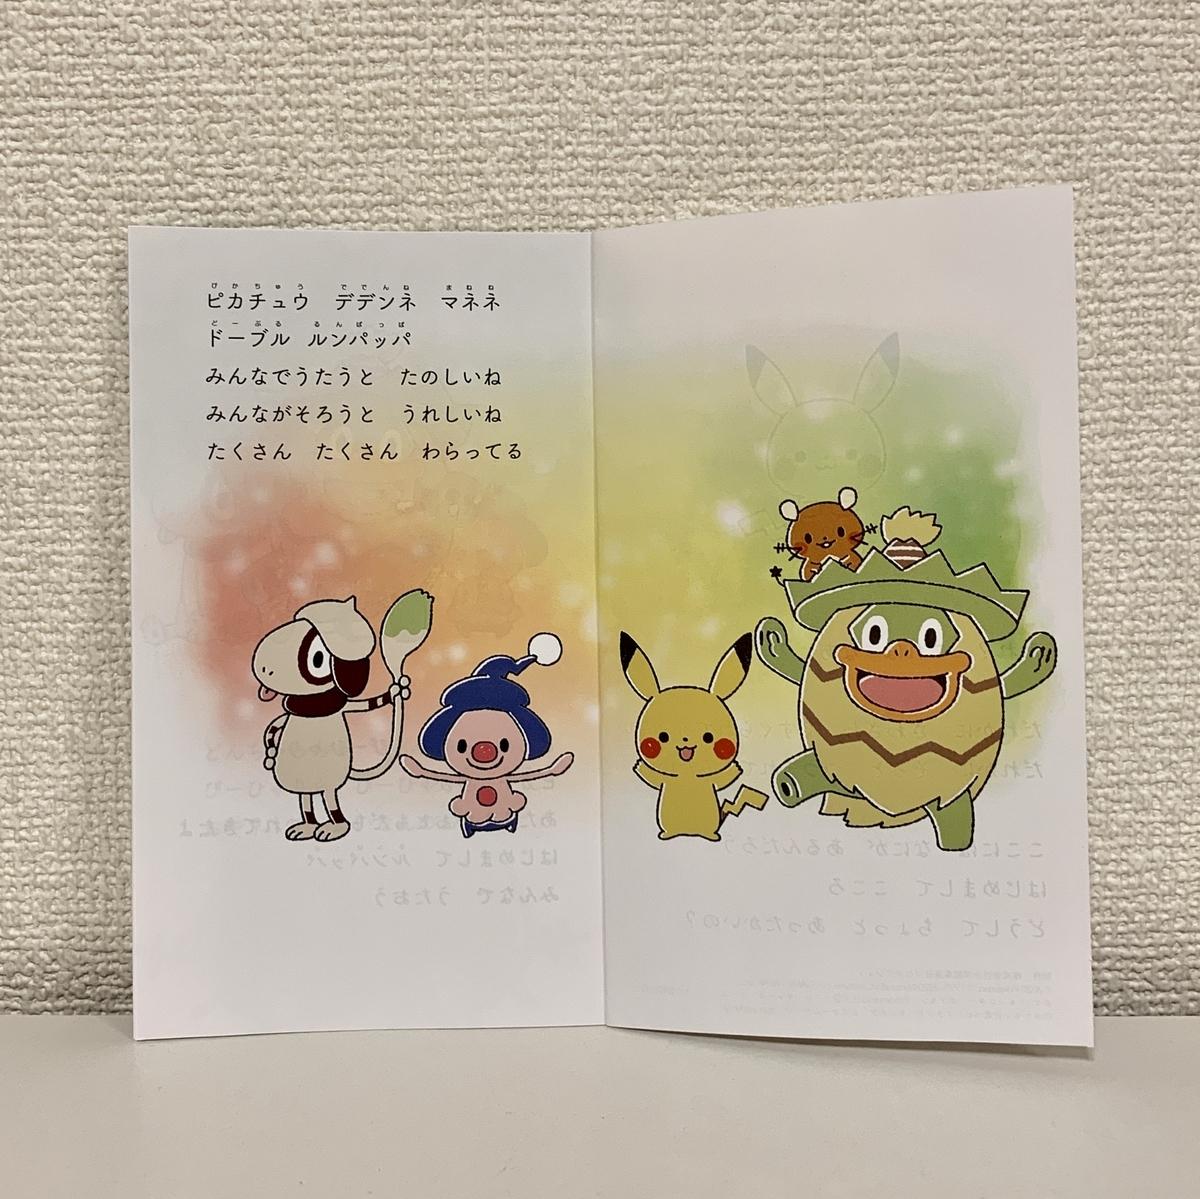 f:id:pikachu_pcn:20200302201626j:plain